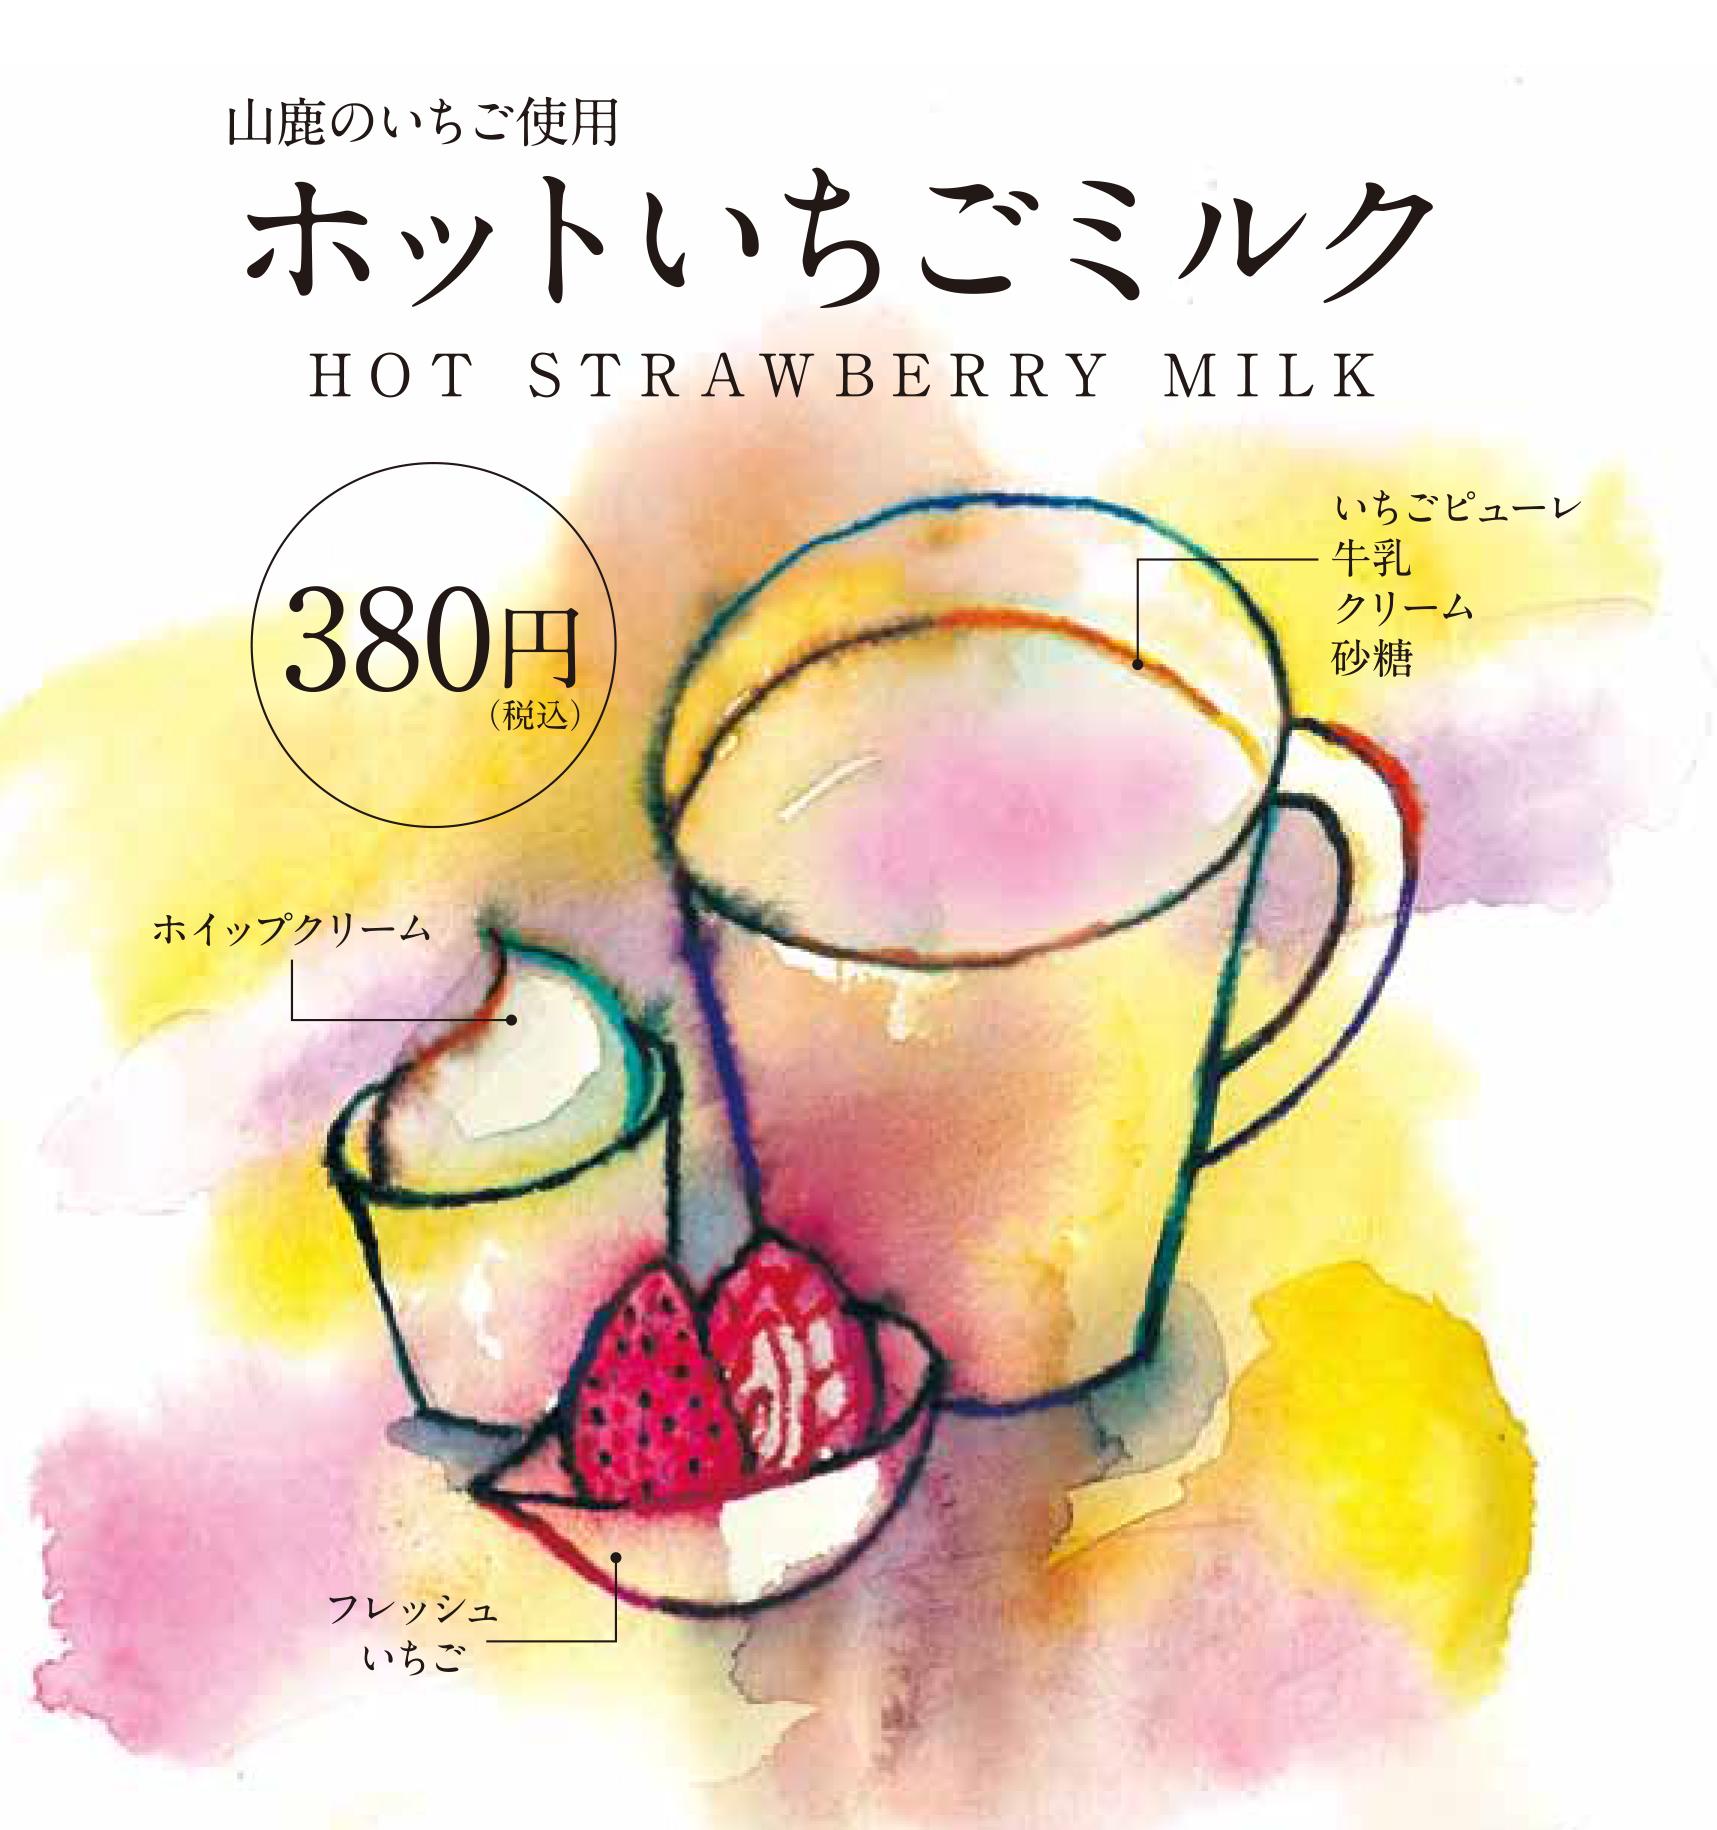 ホットいちごミルク